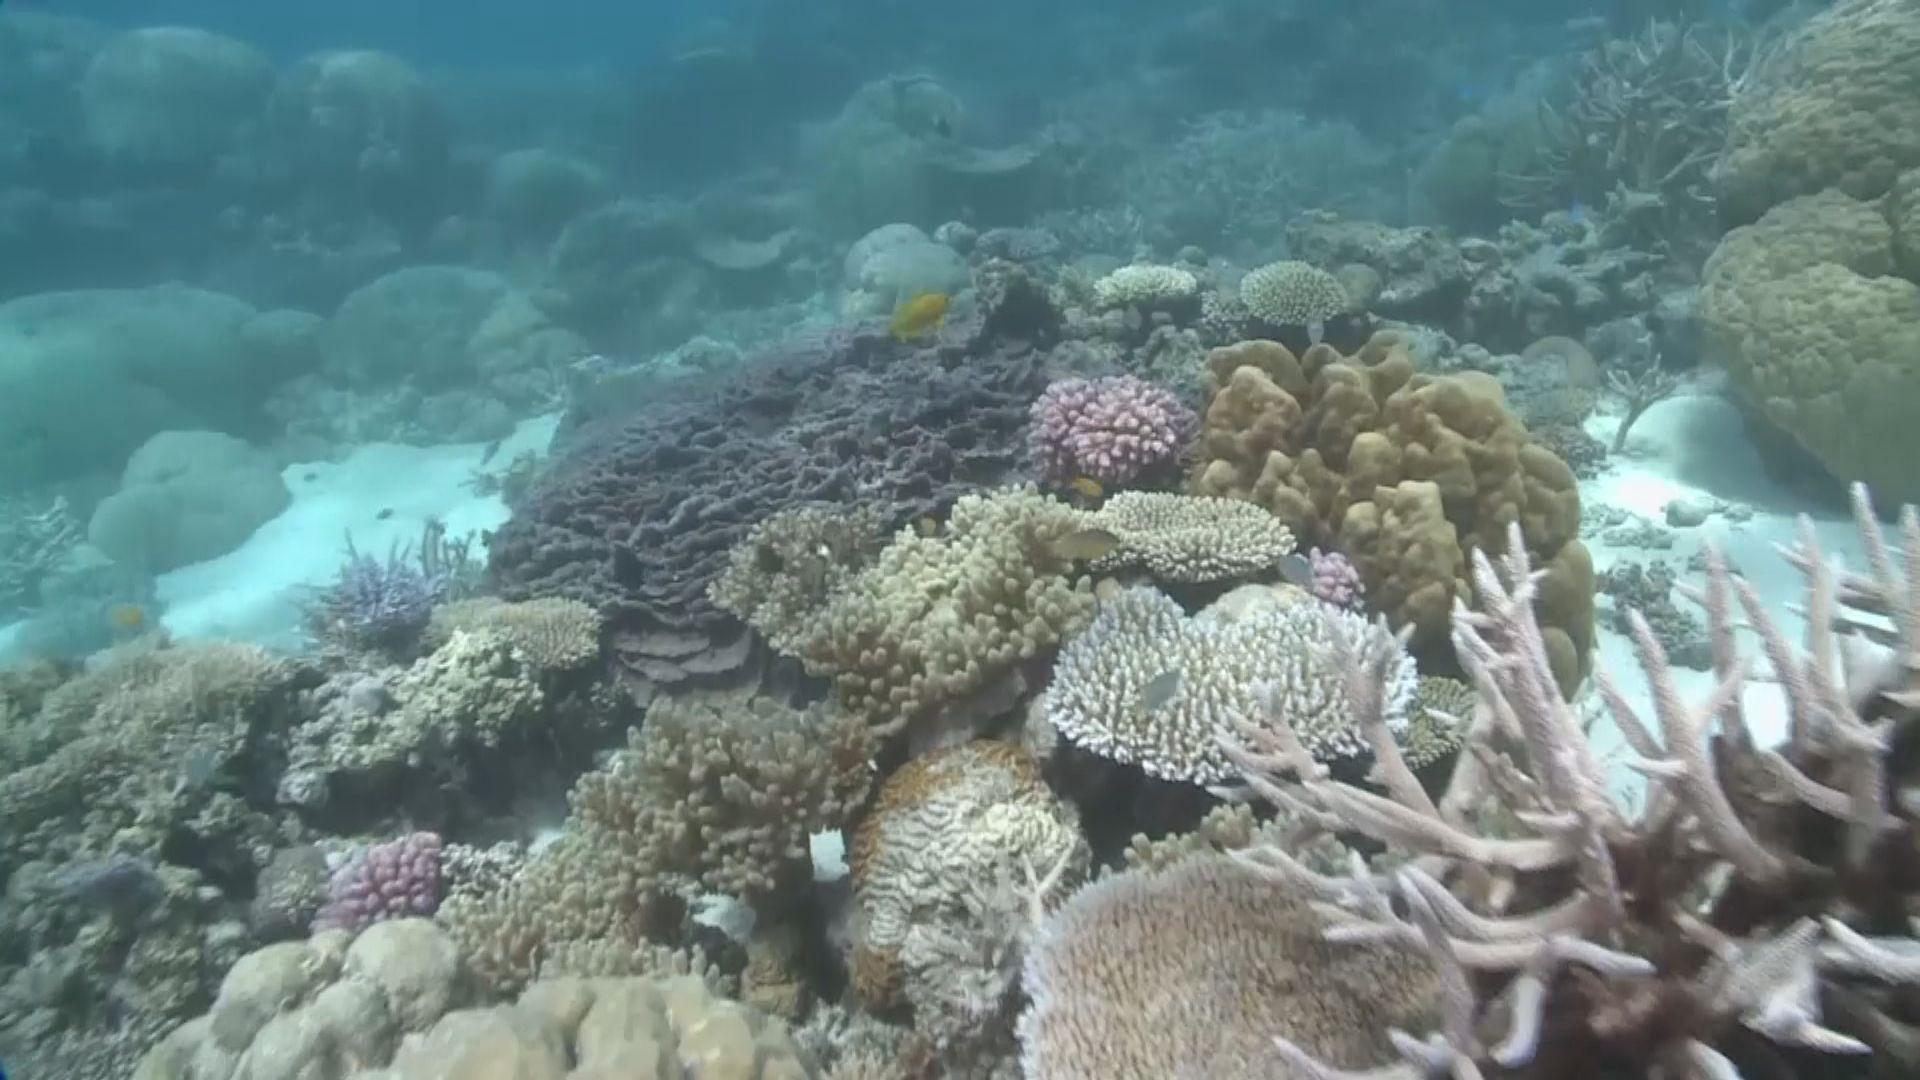 教科文組織建議將大堡礁列瀕危遺產 澳洲反對